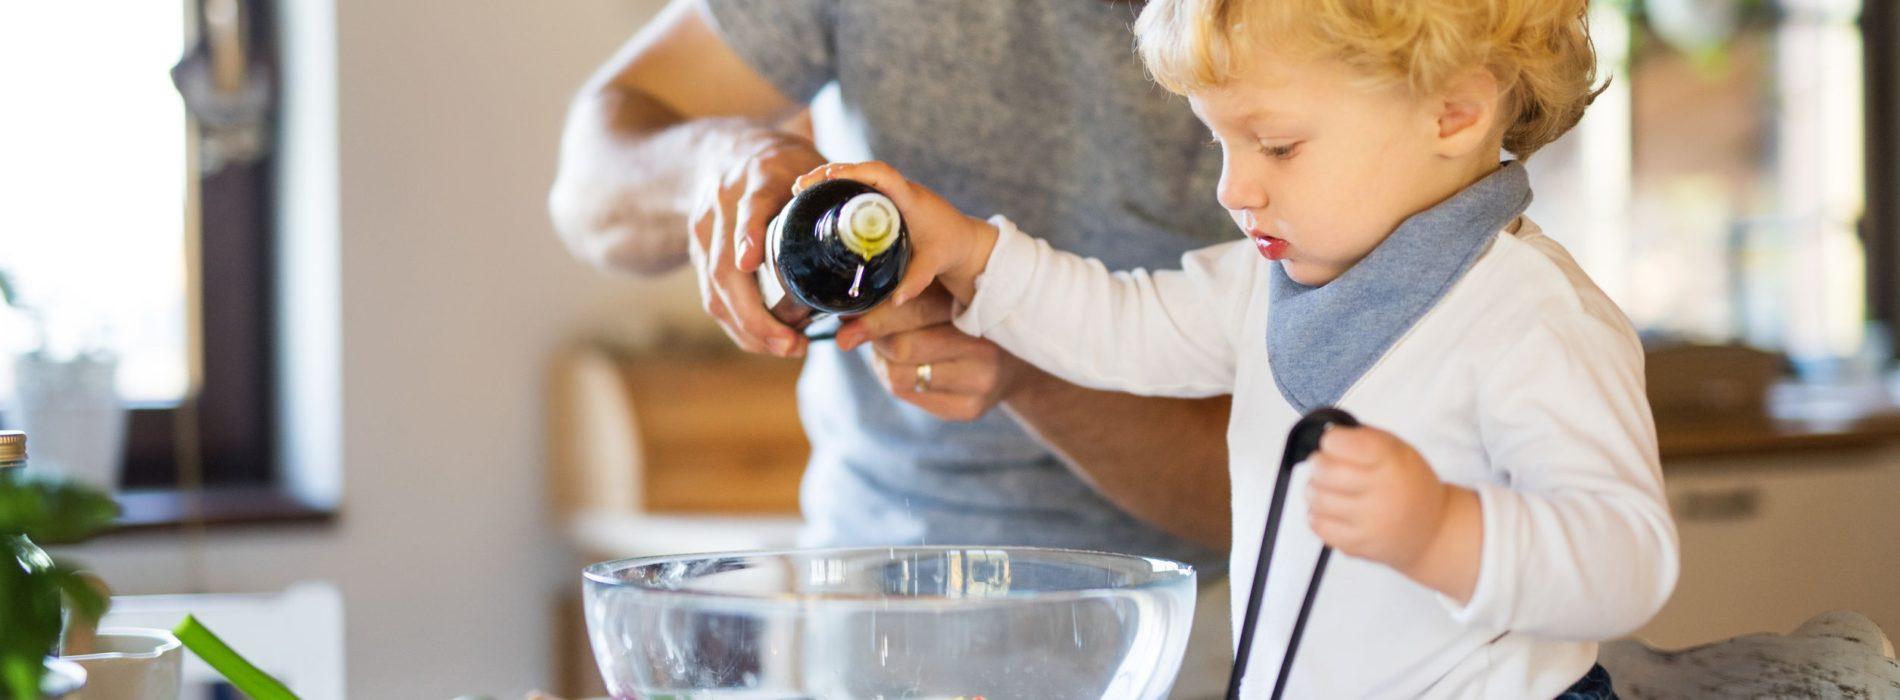 Olej z czarnuszki na odporność dla dzieci, jaki ma wpływ?